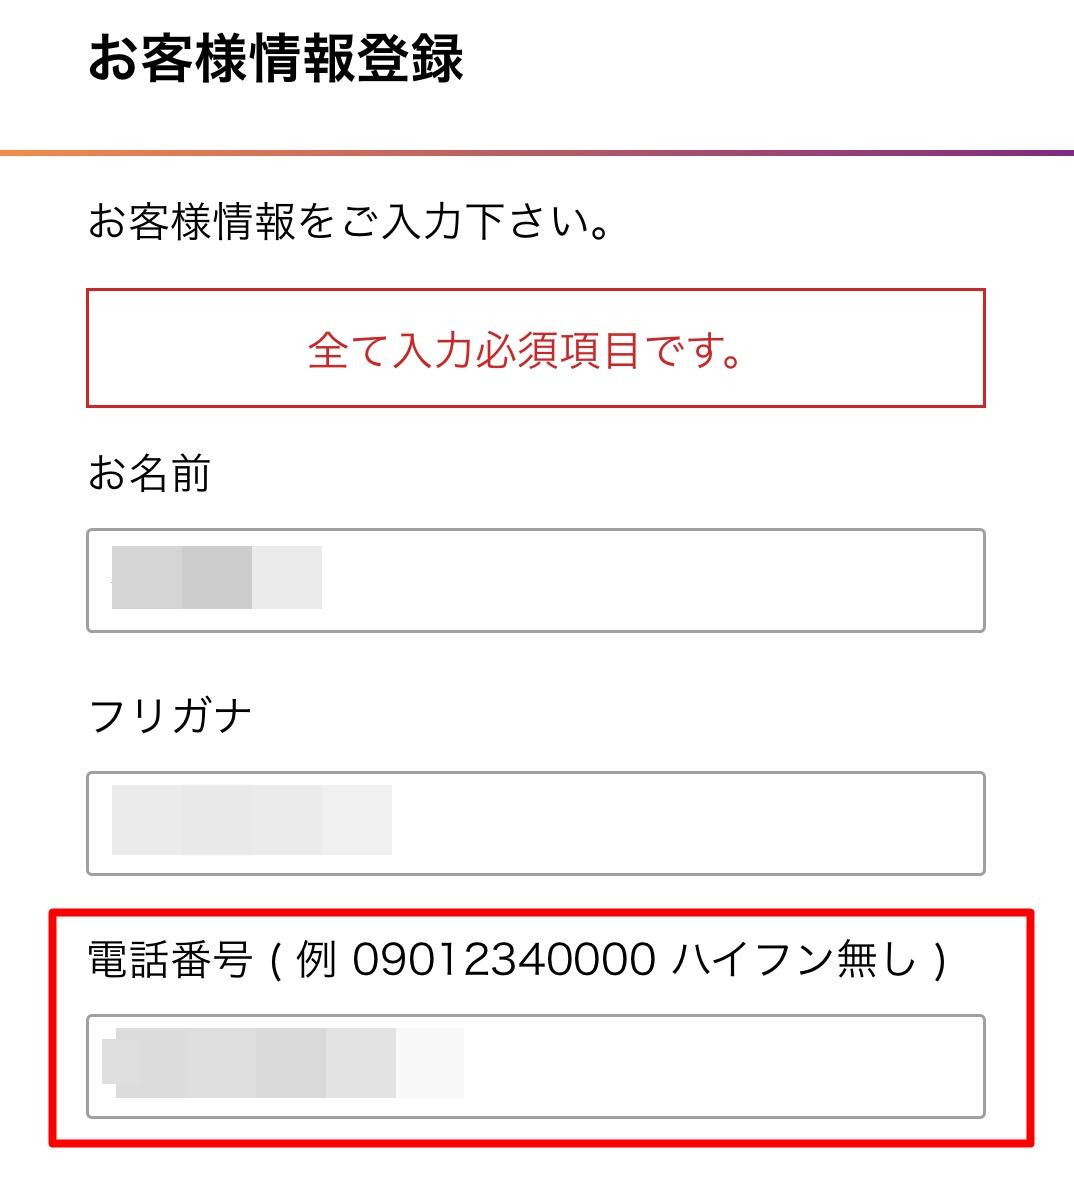 杉山直人 レジスタンスアプリお客様情報登録画面